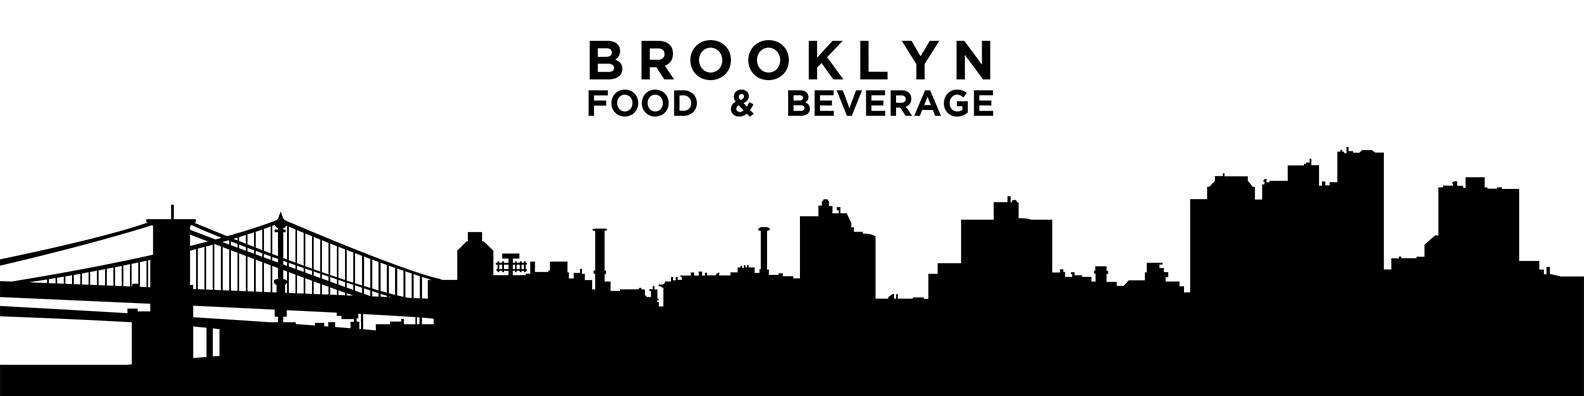 Brooklyn Food and Beverage | LinkedIn